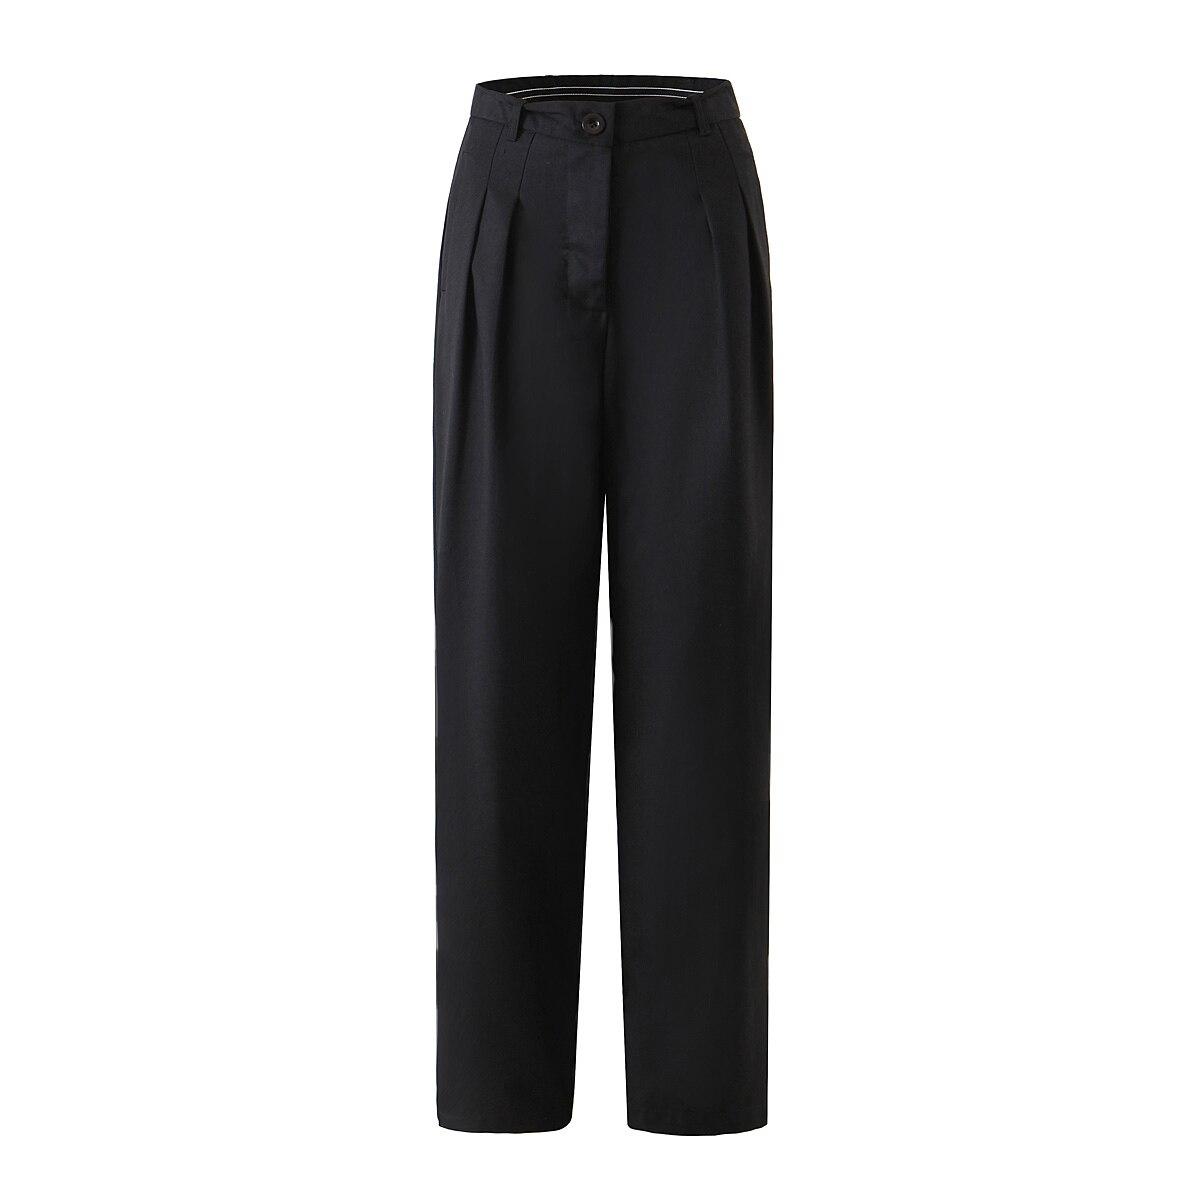 2021 الصيف النساء السراويل المستقيمة Sweatpants عادية بلون عالية الخصر بنطال ذو قصة أرجل واسعة الرجعية طول فضفاض بنطلون أنثى